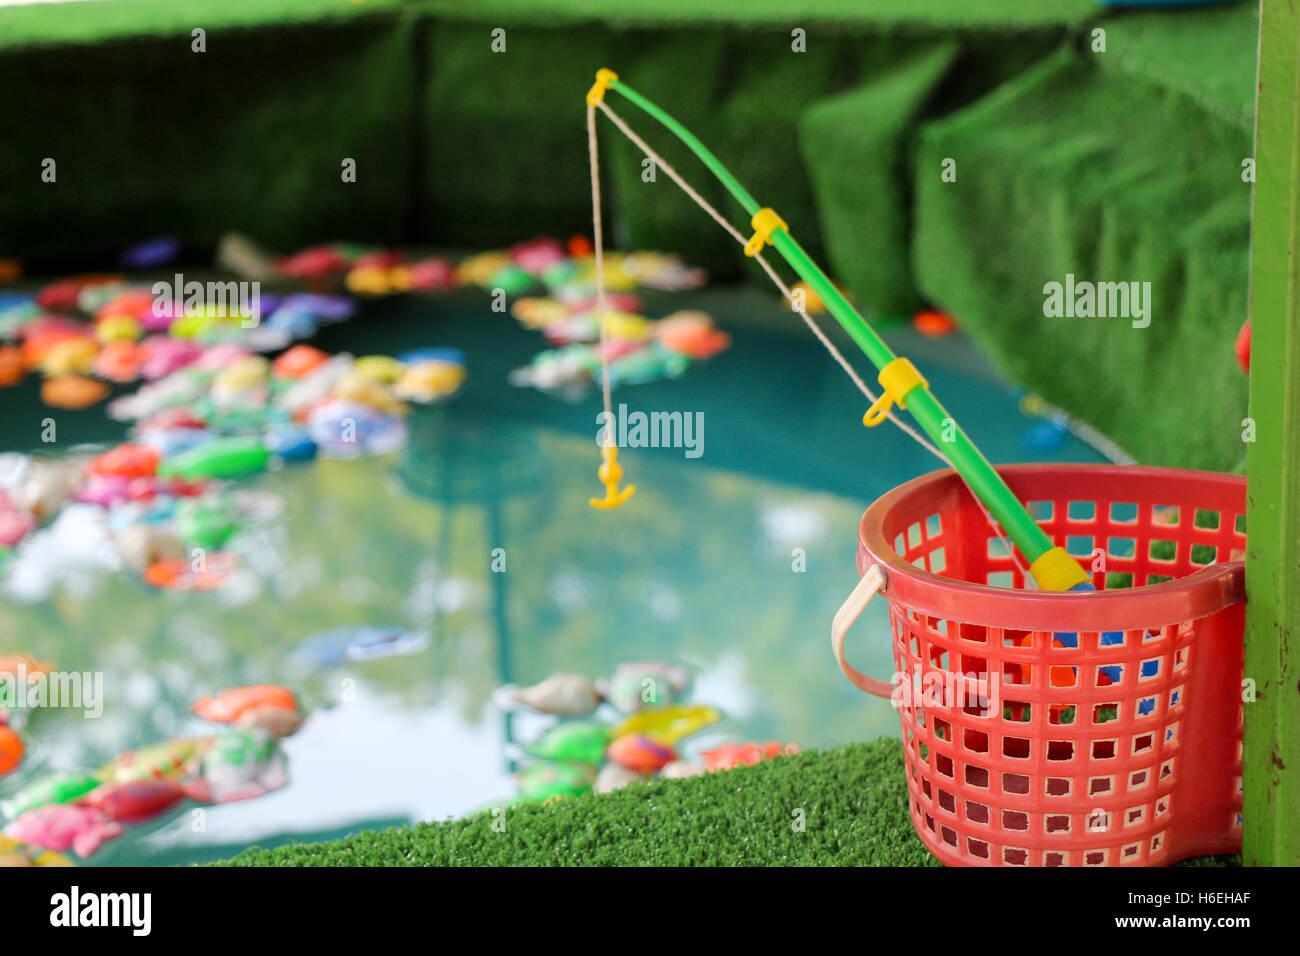 Aquarium toy stockfotos aquarium toy bilder seite 2 for Bunte goldfische